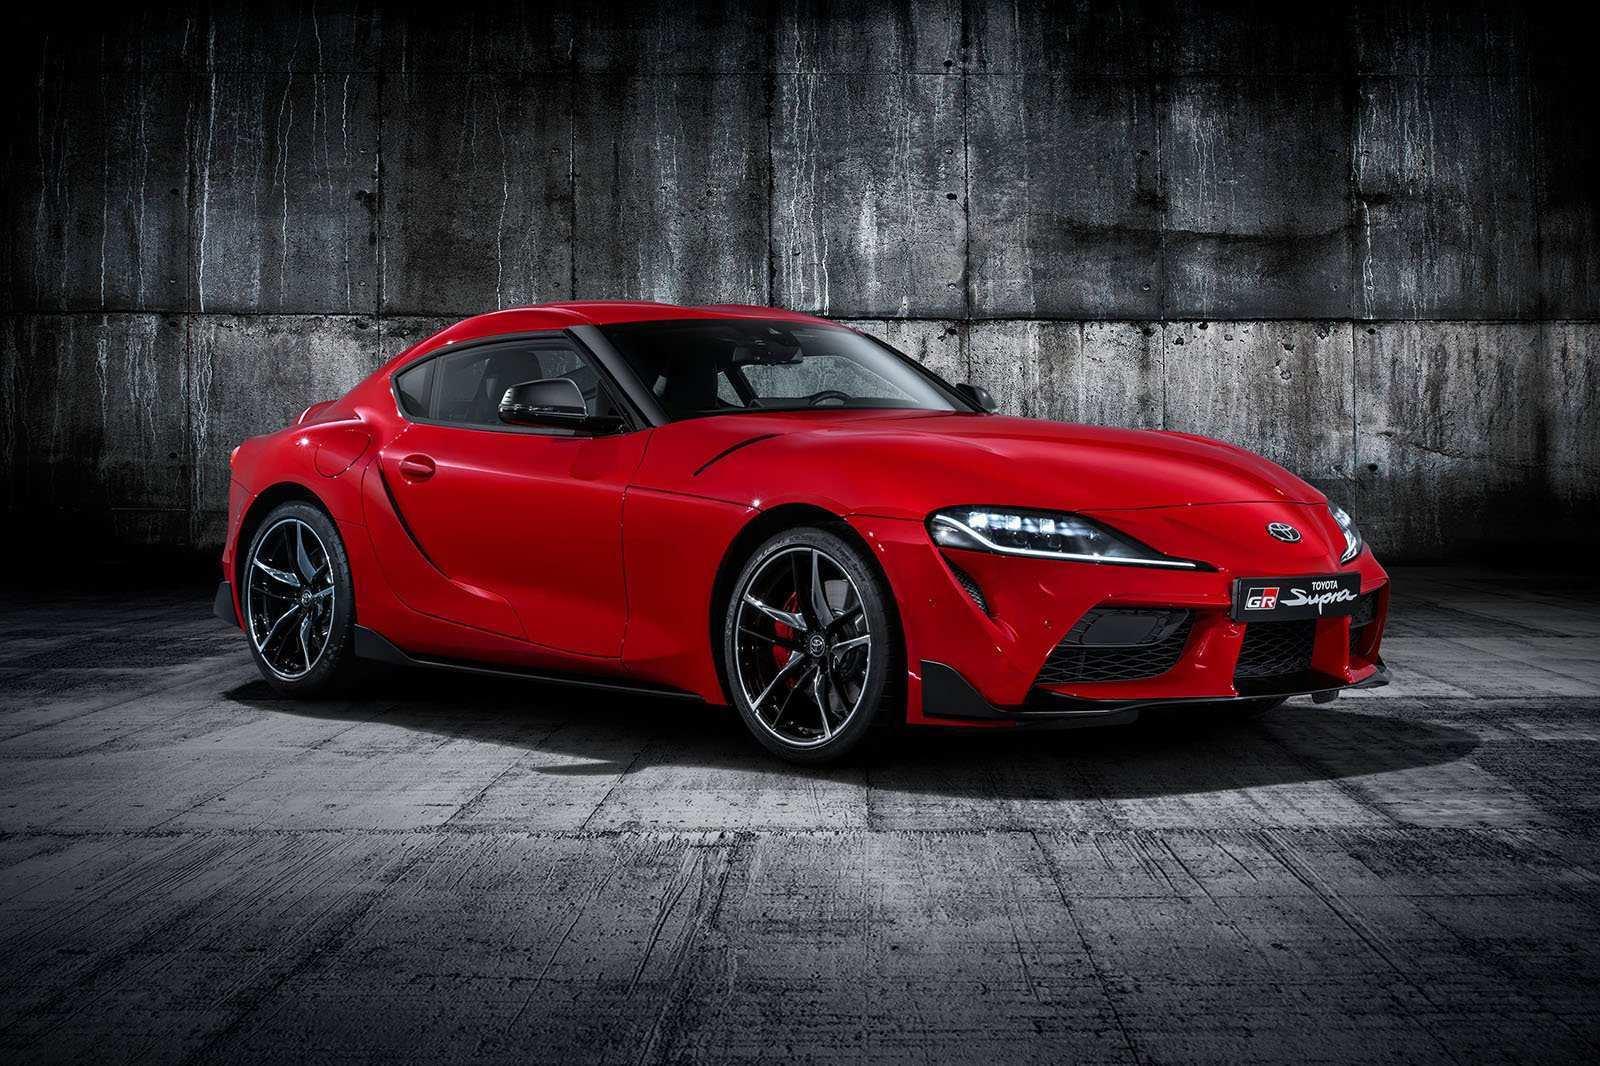 28 Concept of 2019 Toyota Supra Reviews for 2019 Toyota Supra